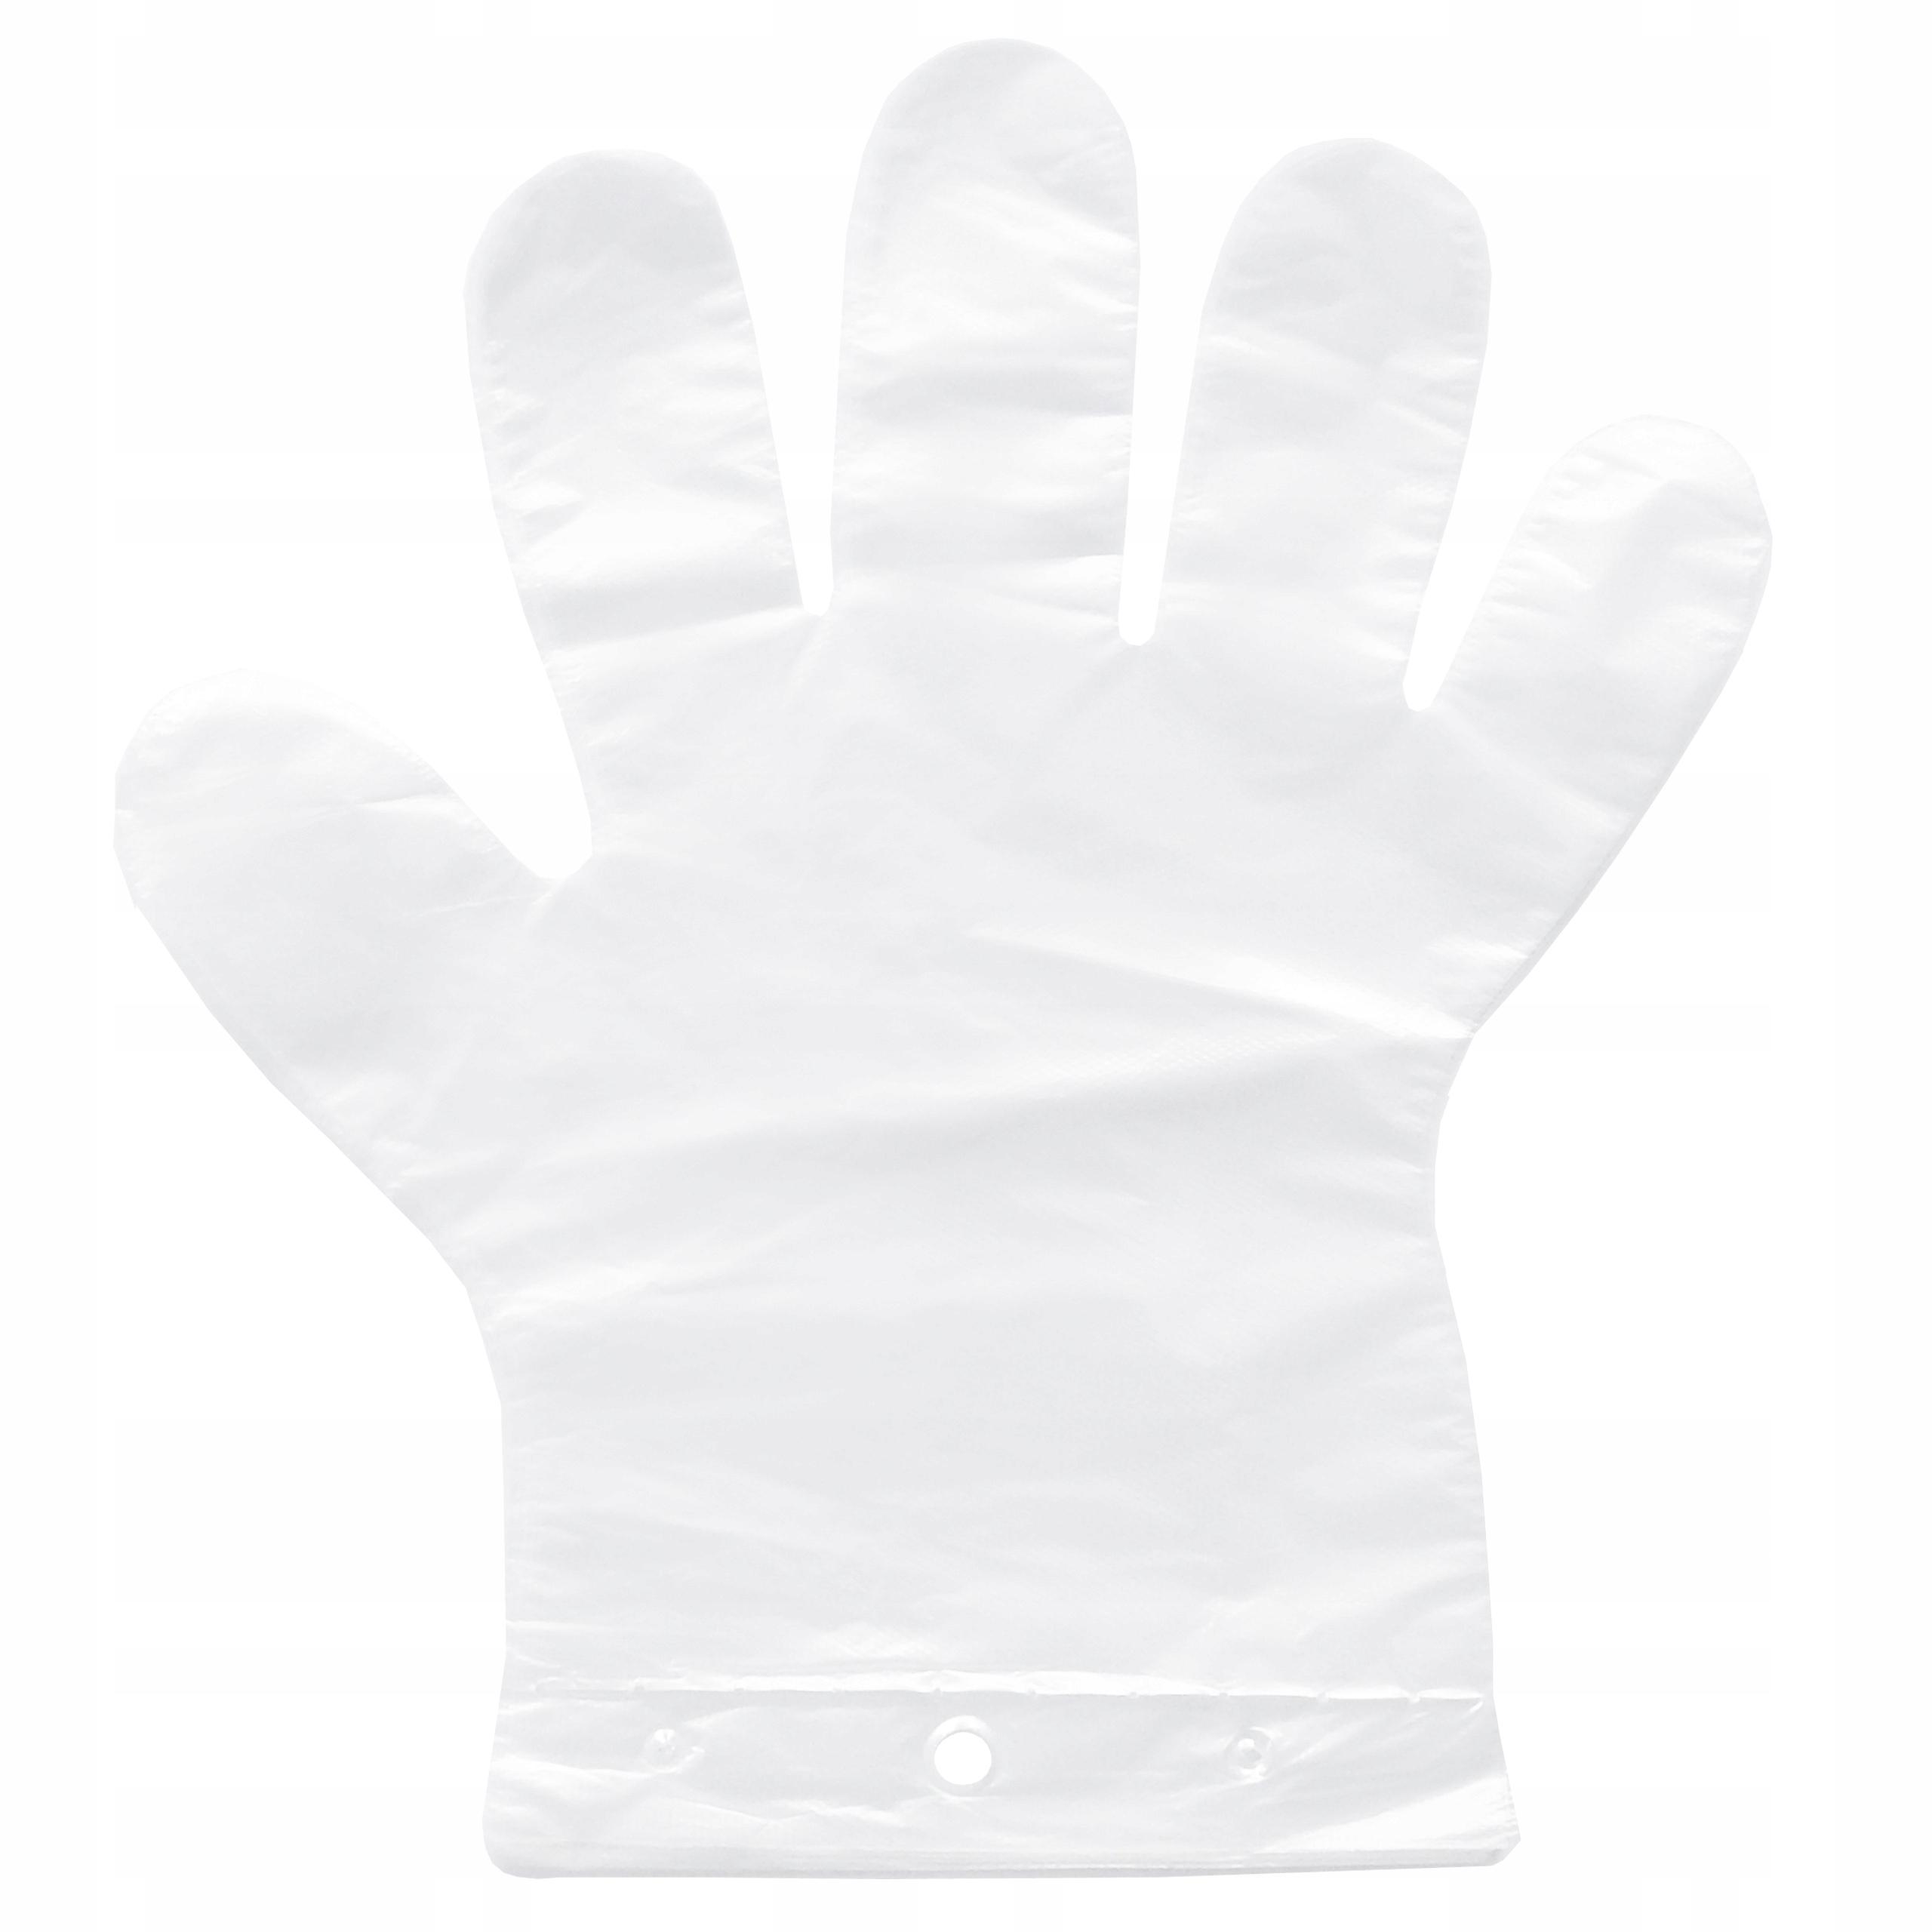 перчатки пленочные перчатки с носиком L 2000 шт